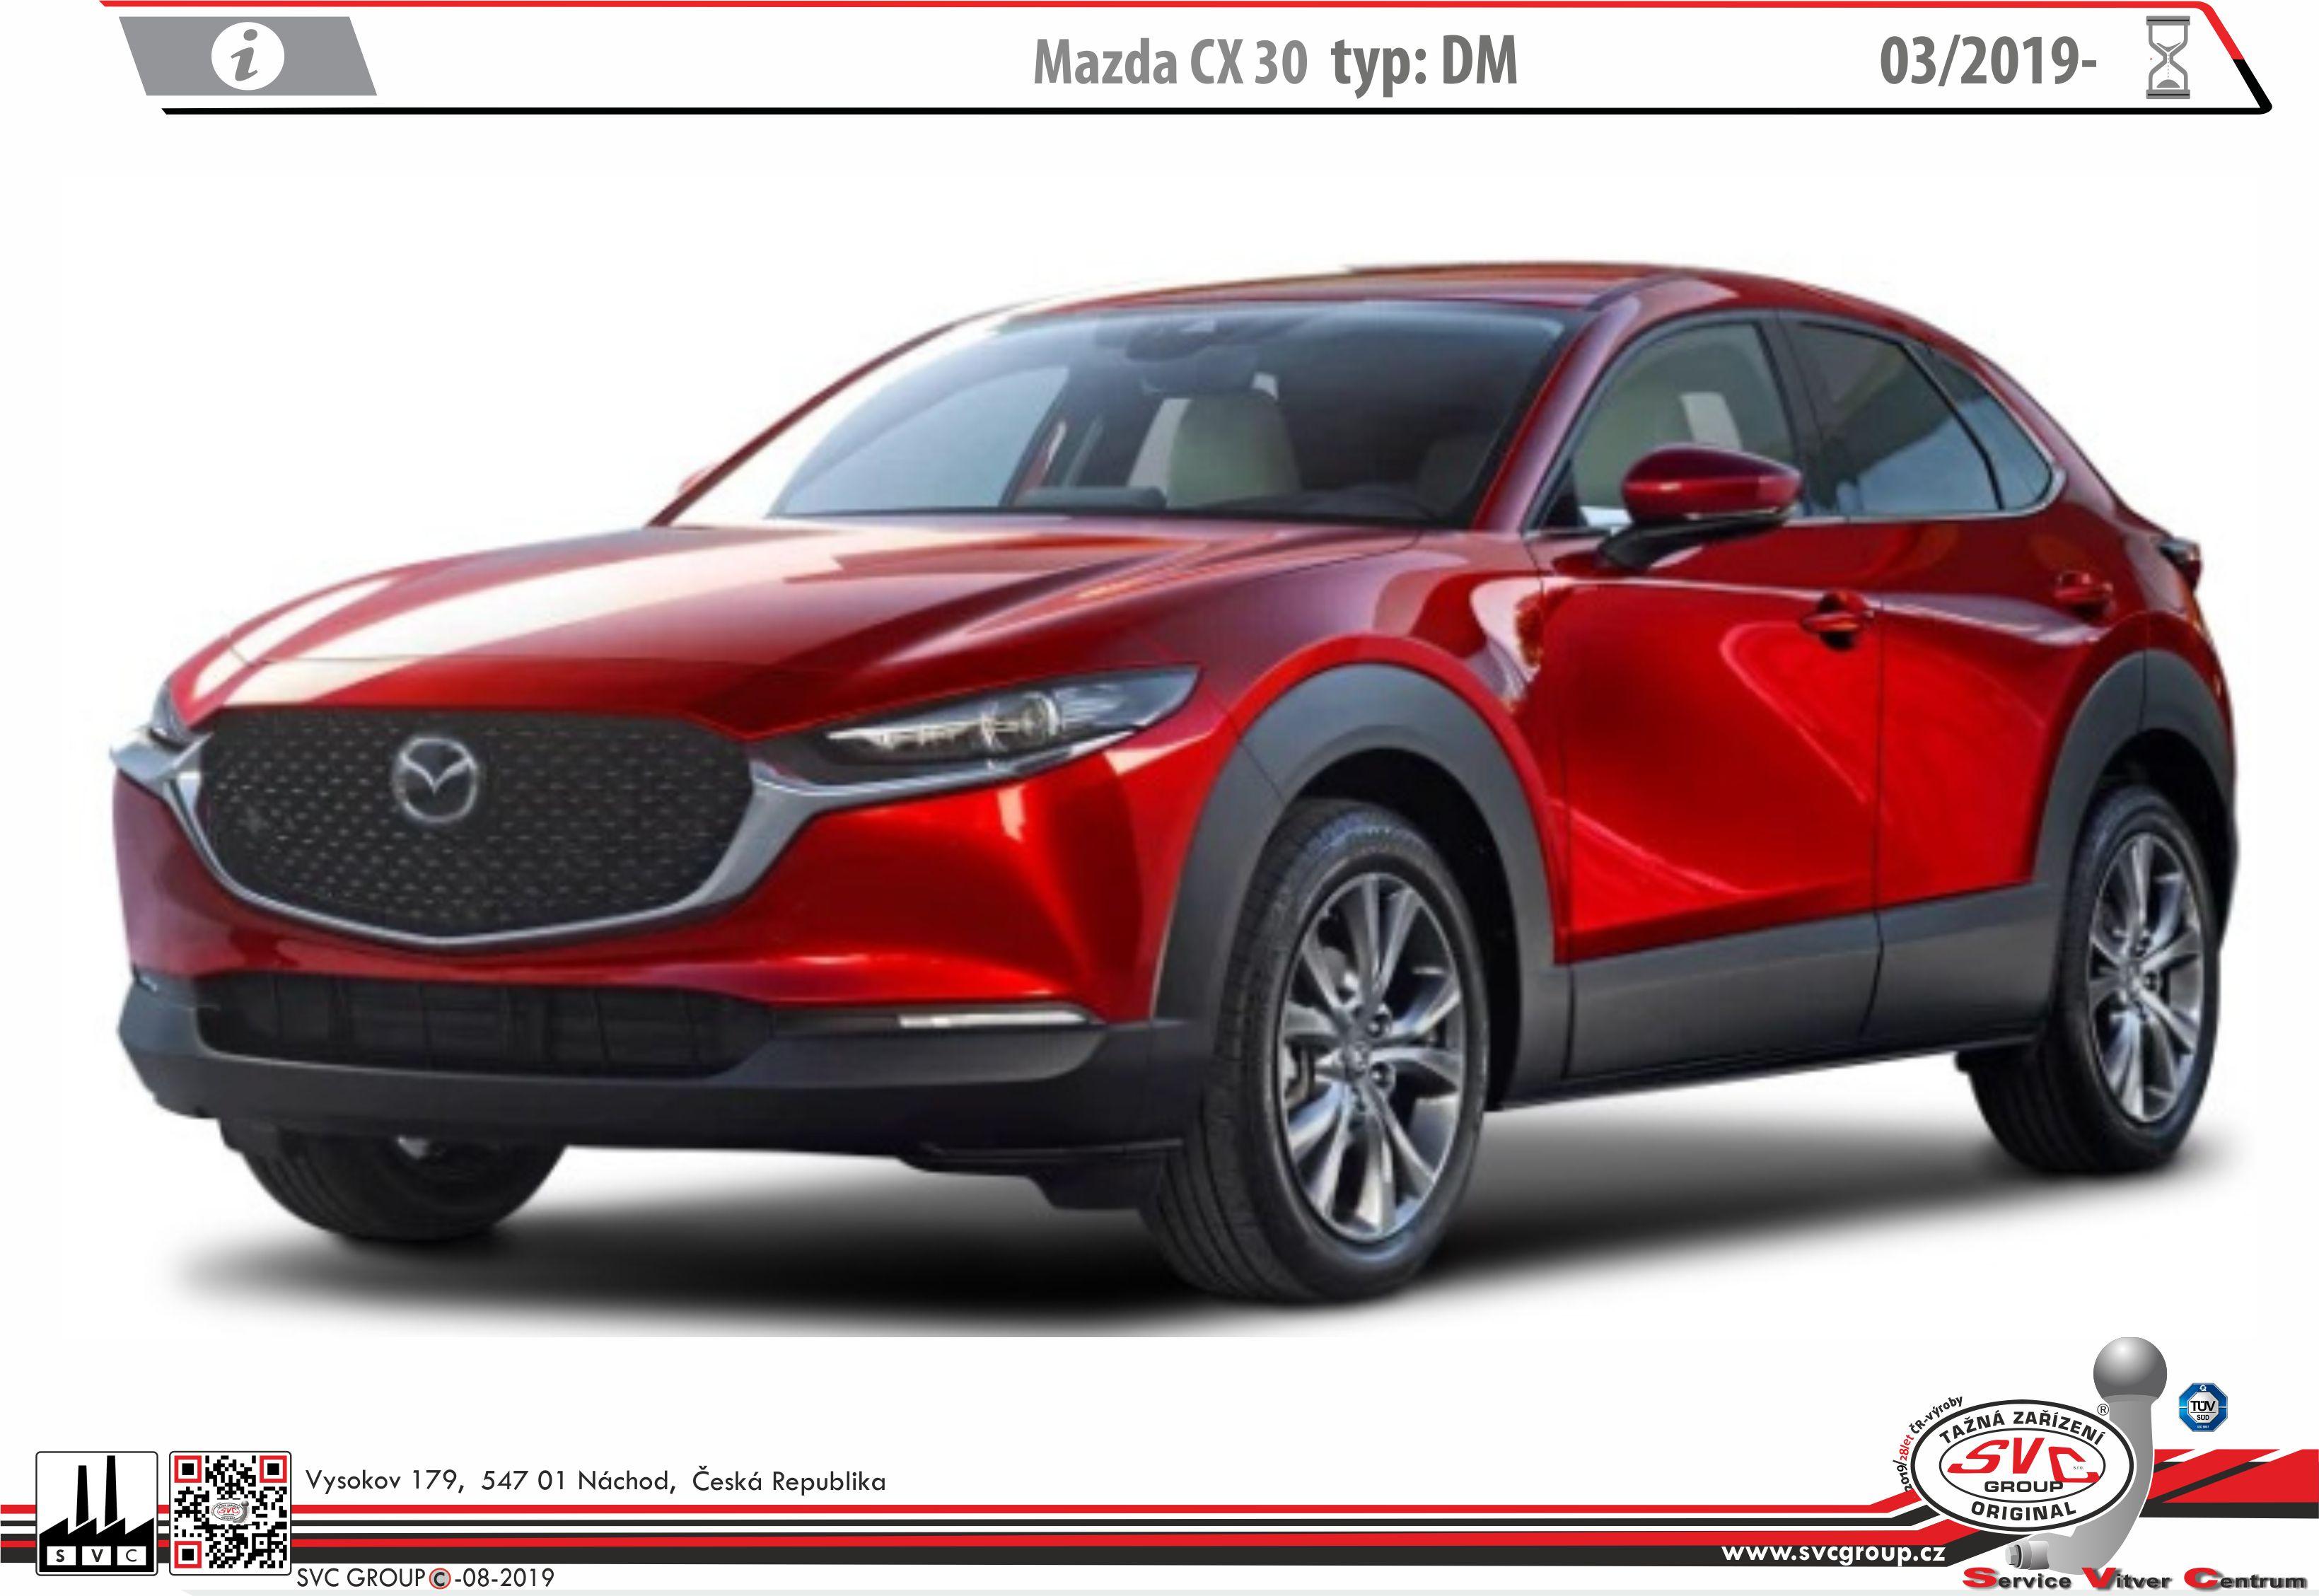 Mazda CX 30